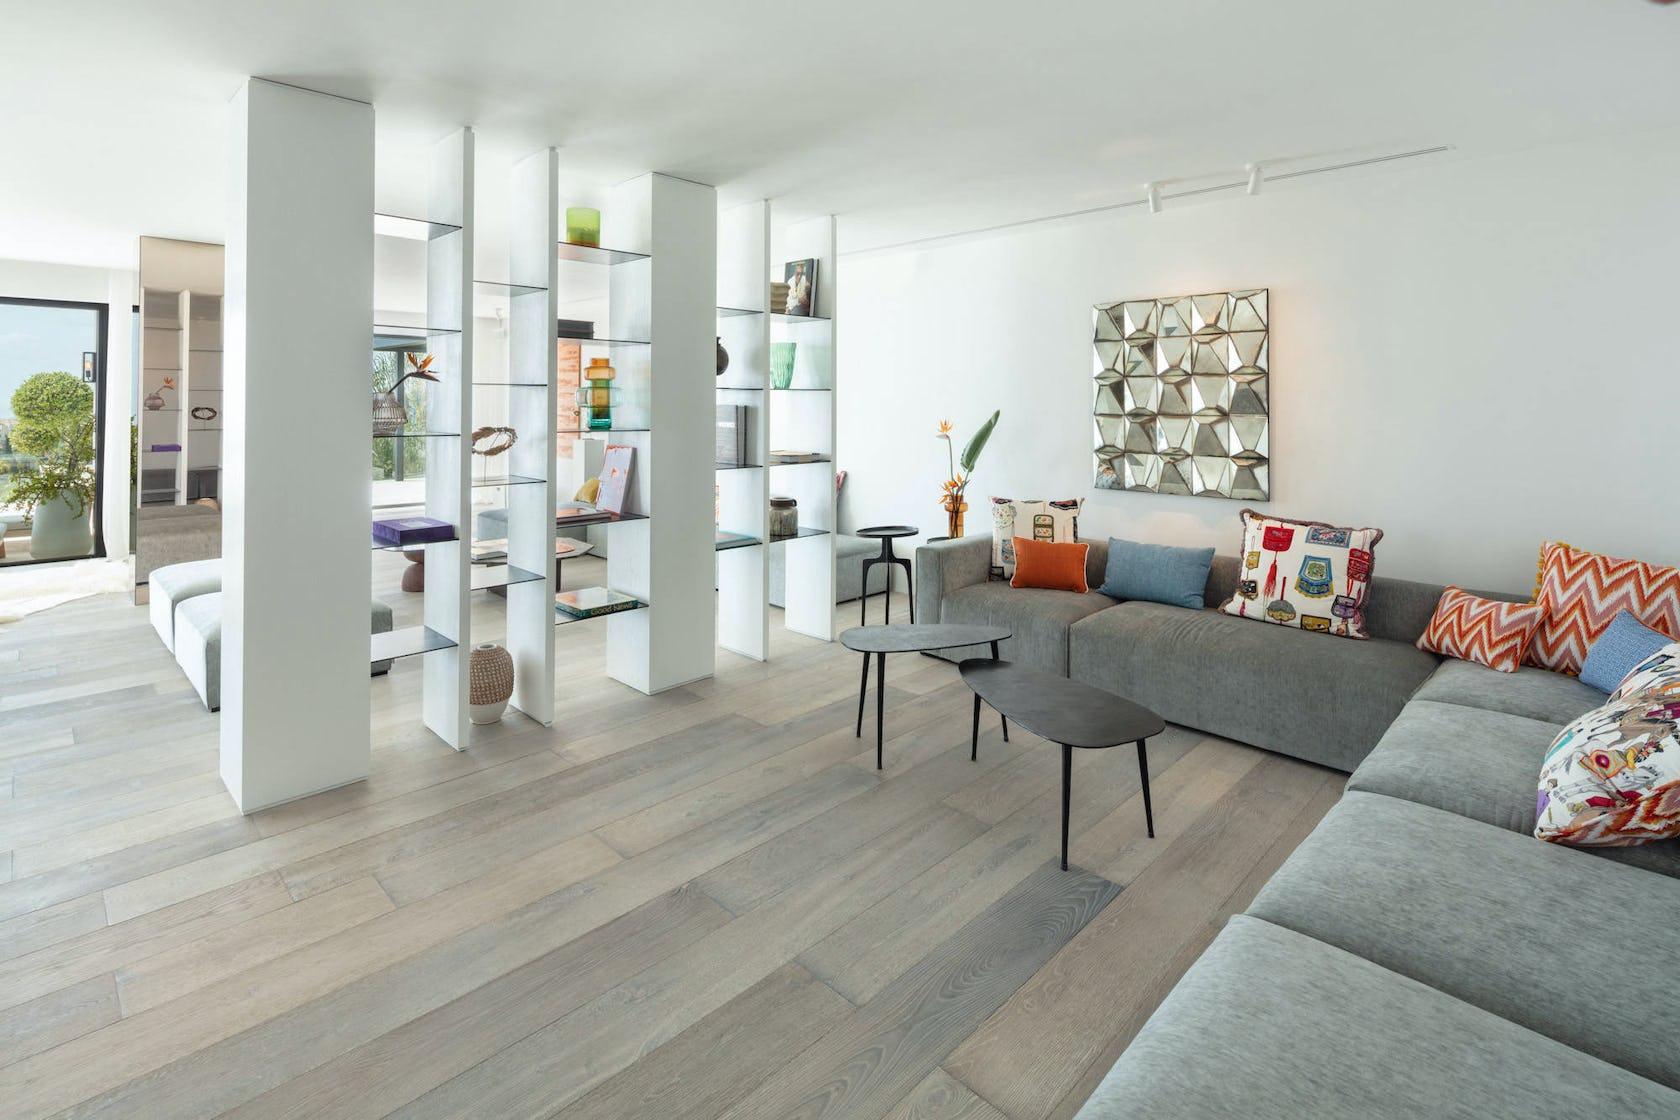 flooring furniture floor interior design indoors